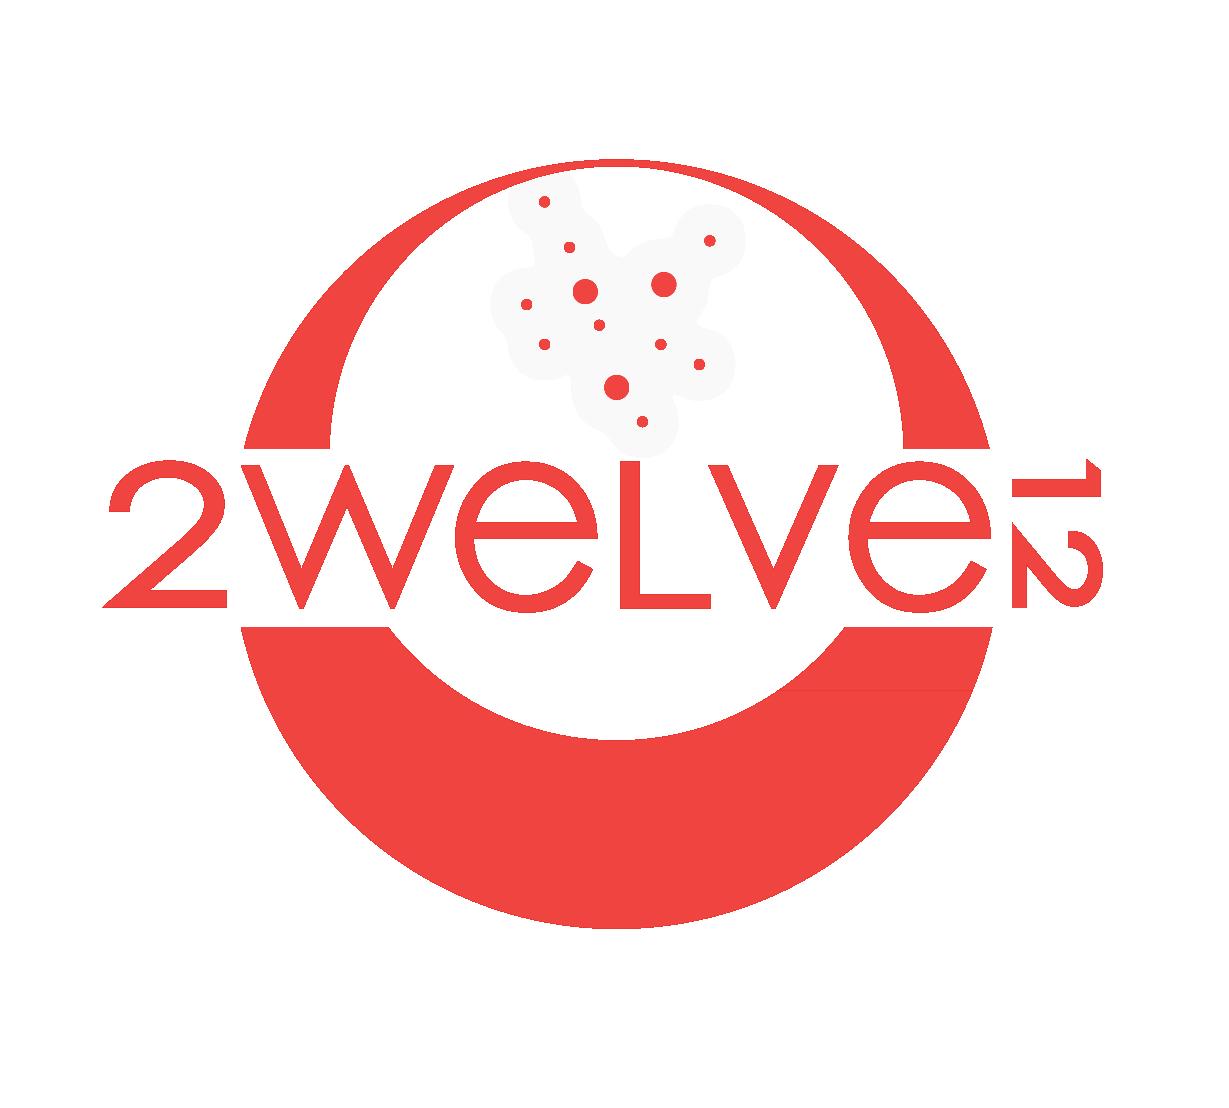 2welve12